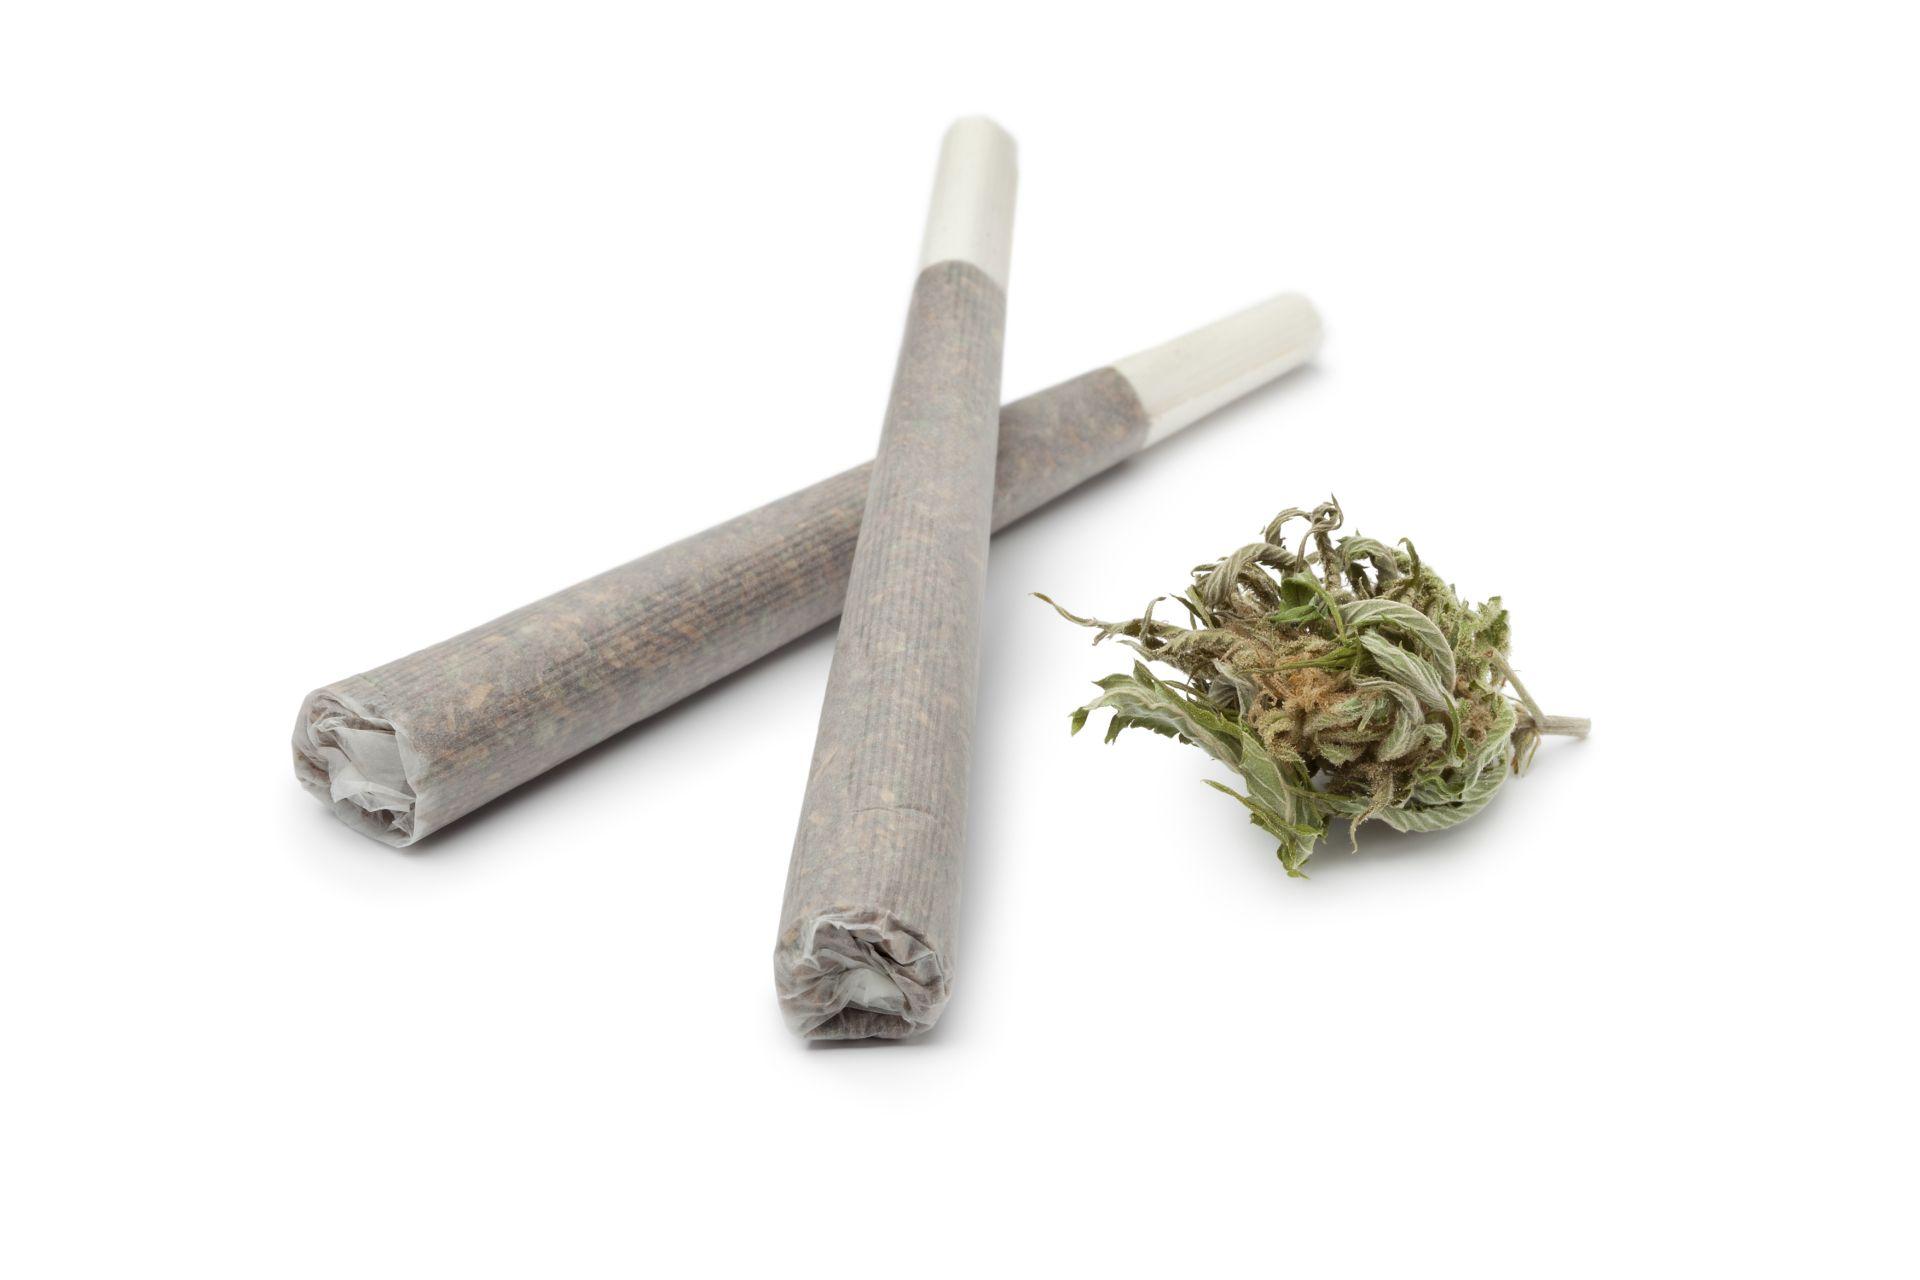 Thl Kannabis